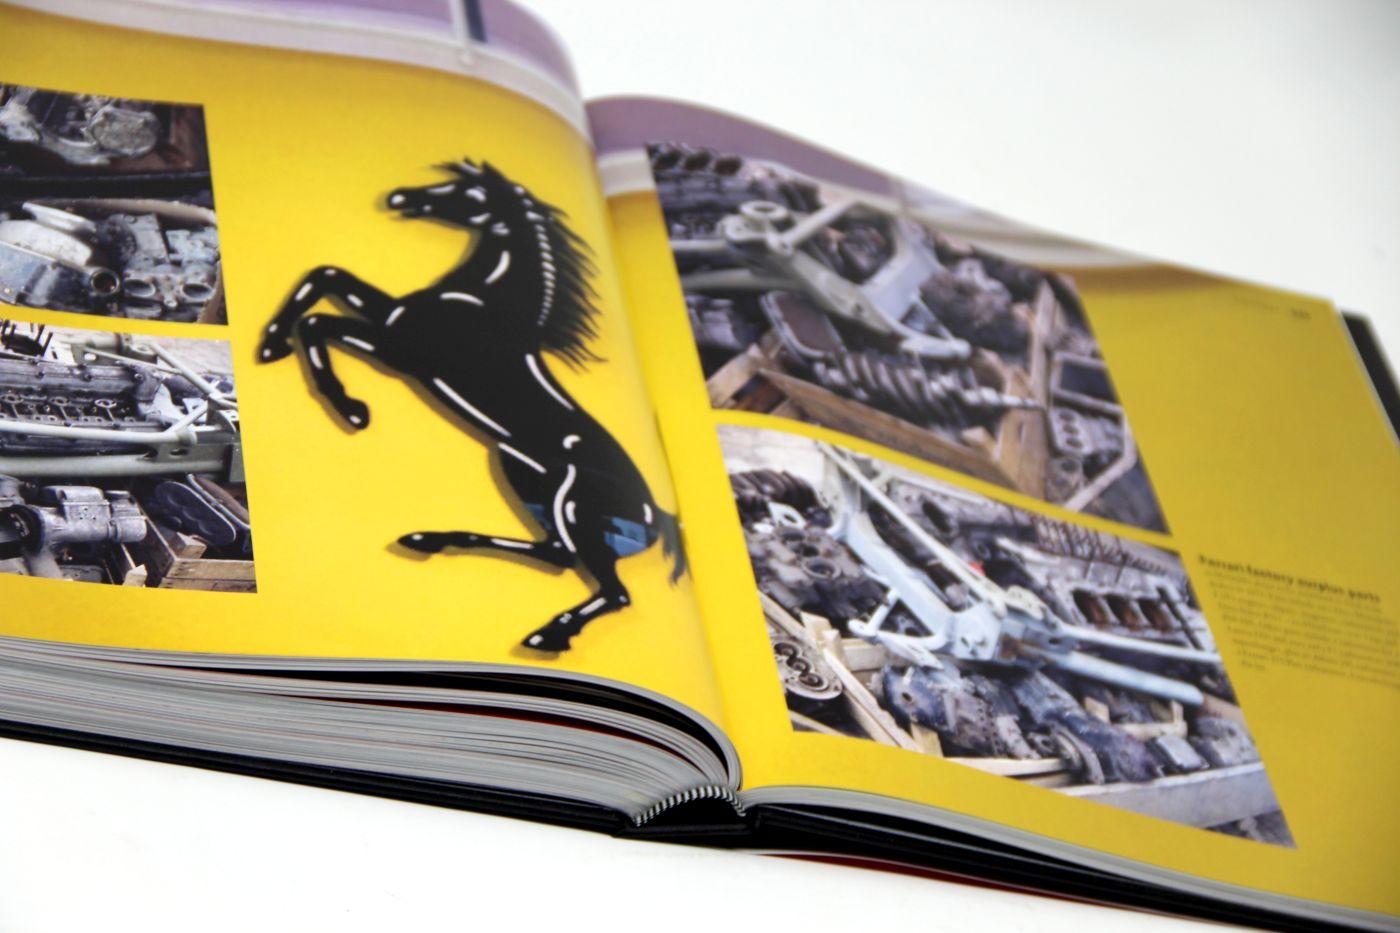 Superfinds Michael Kliebenstein Porter Press (3)